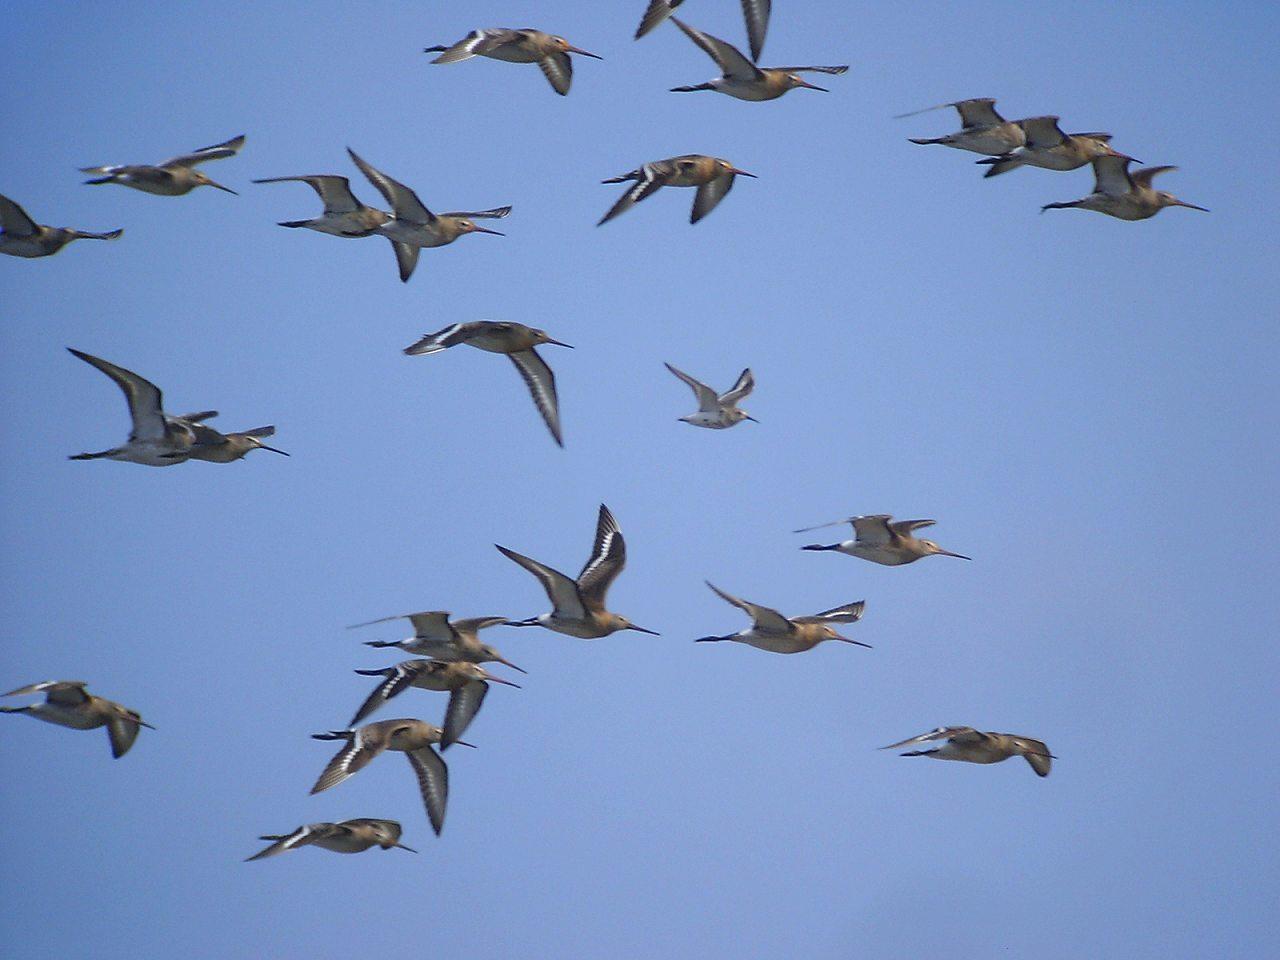 オグロシギの群翔_f0024068_1734225.jpg